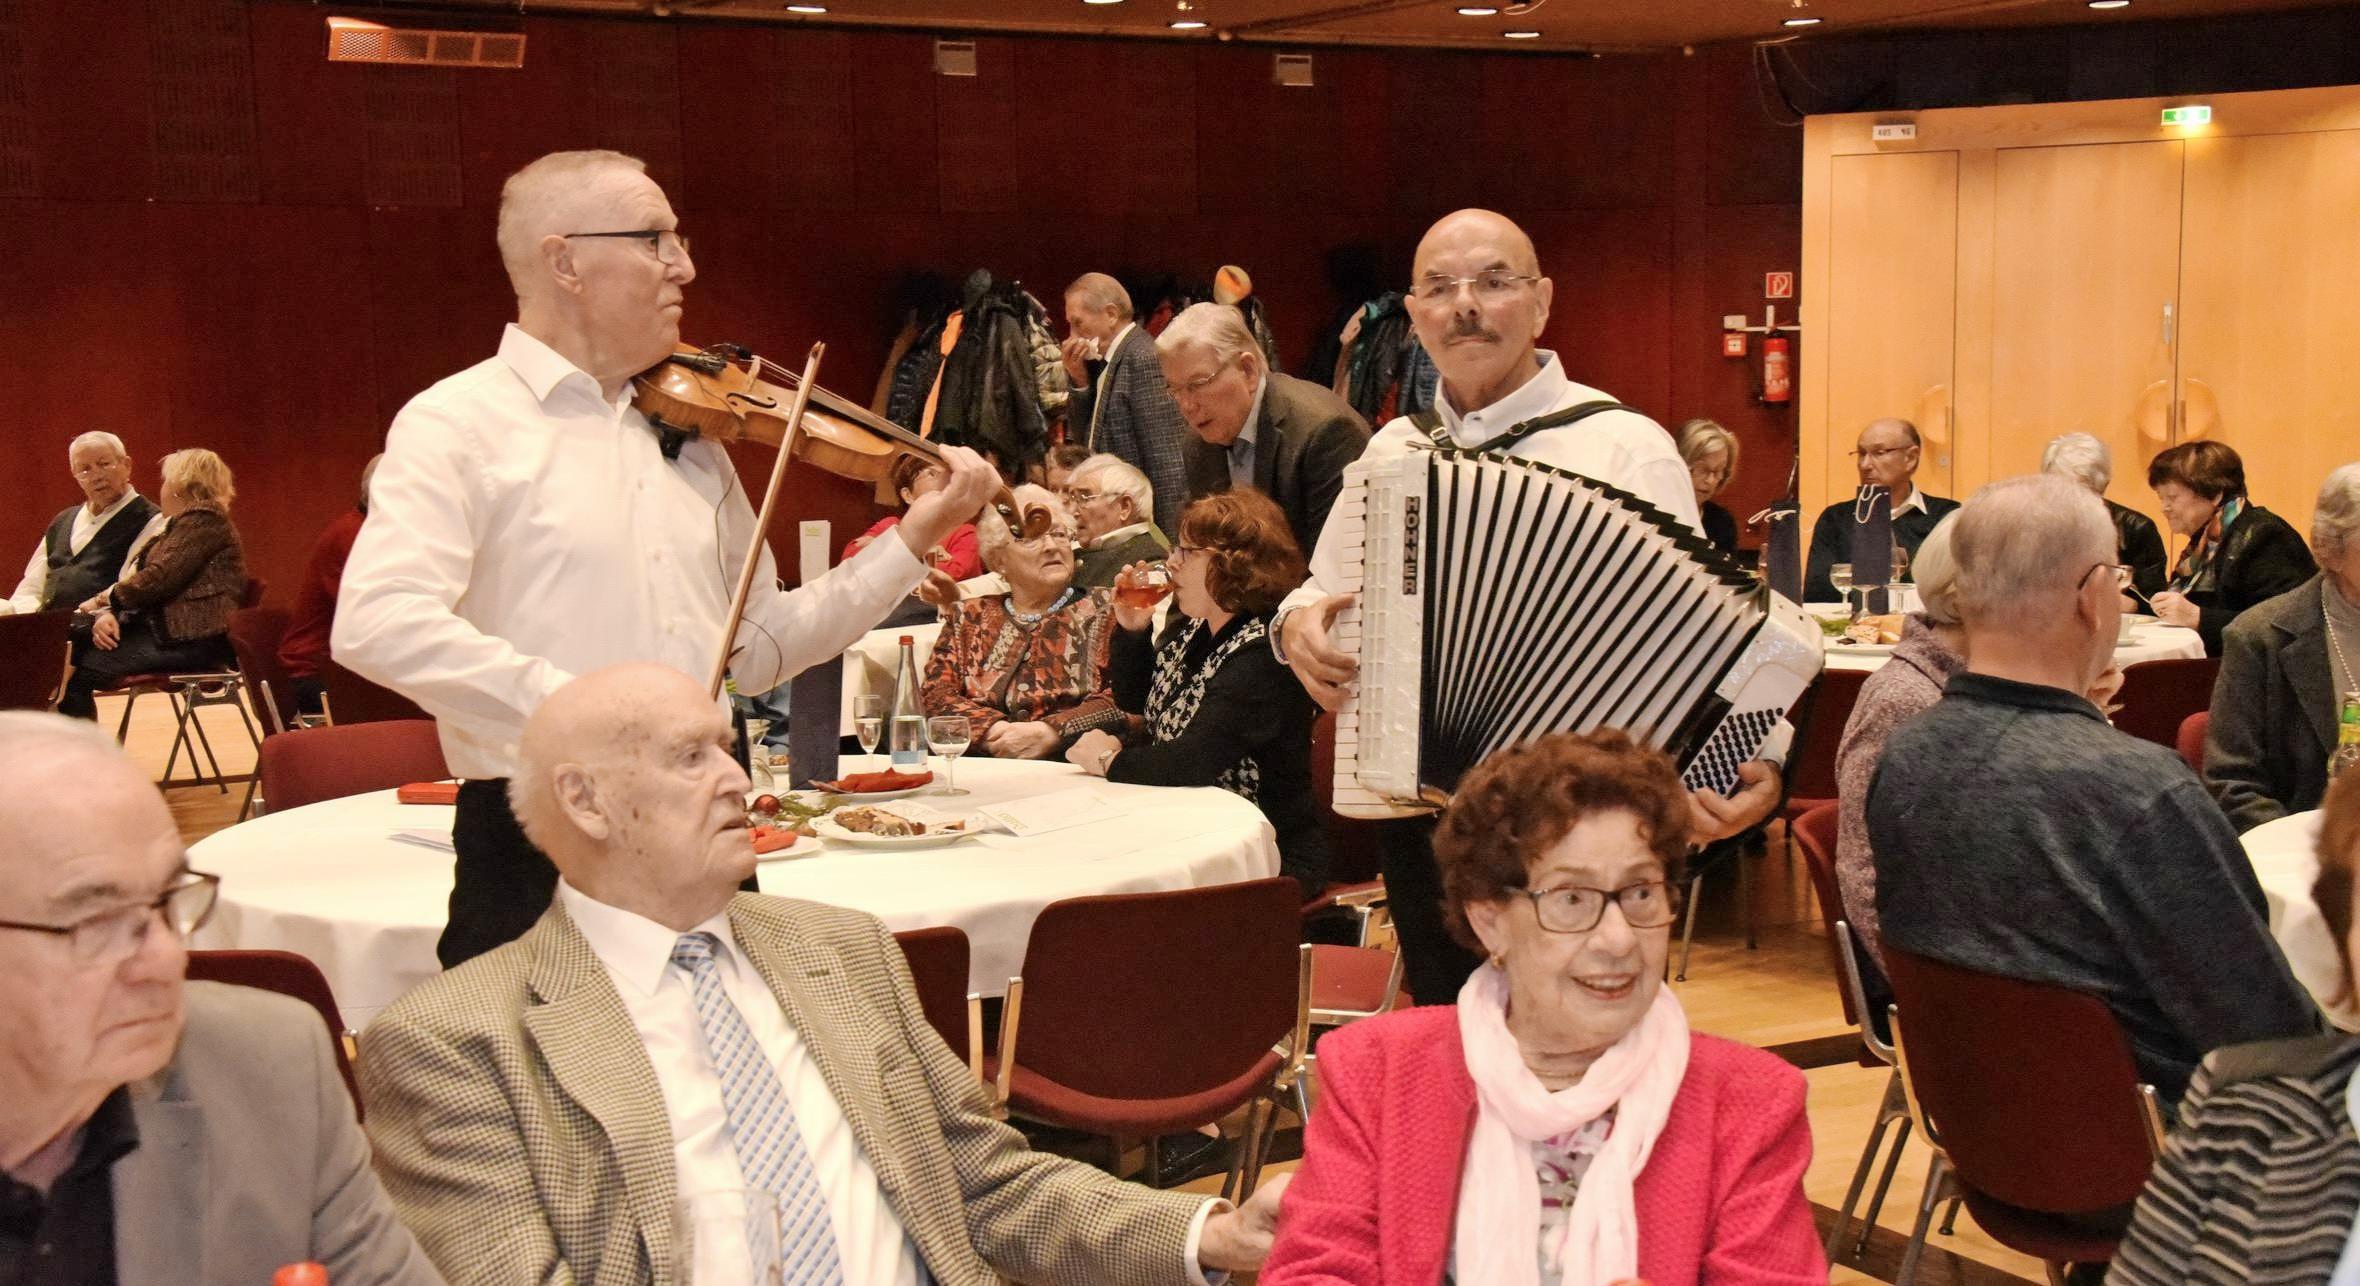 Als Duo Die Zwei sorgten Günther Hauser und Gerd Geyer mit Akkordeon und Violine für beste Unterhaltung. Fotos: Karl-Heinz Leitz